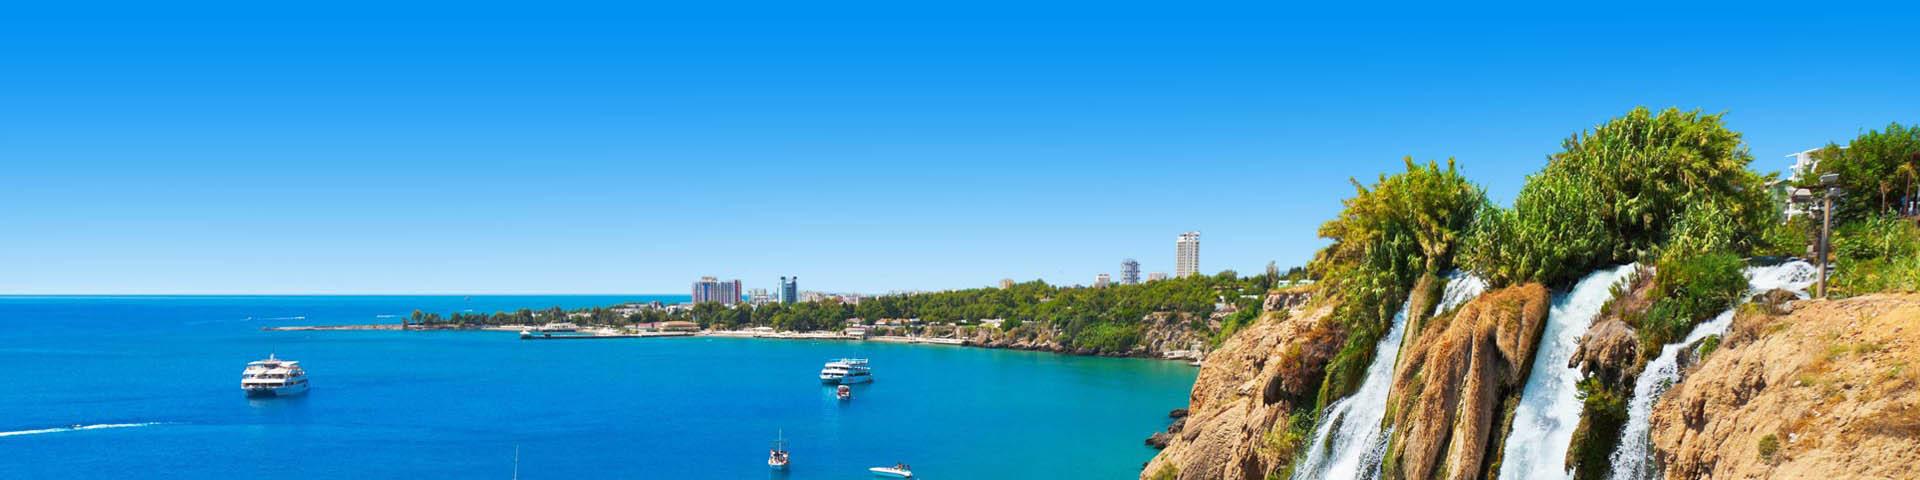 Uitzicht op de kustlijn en de watervallen bij Antalya in Turkije